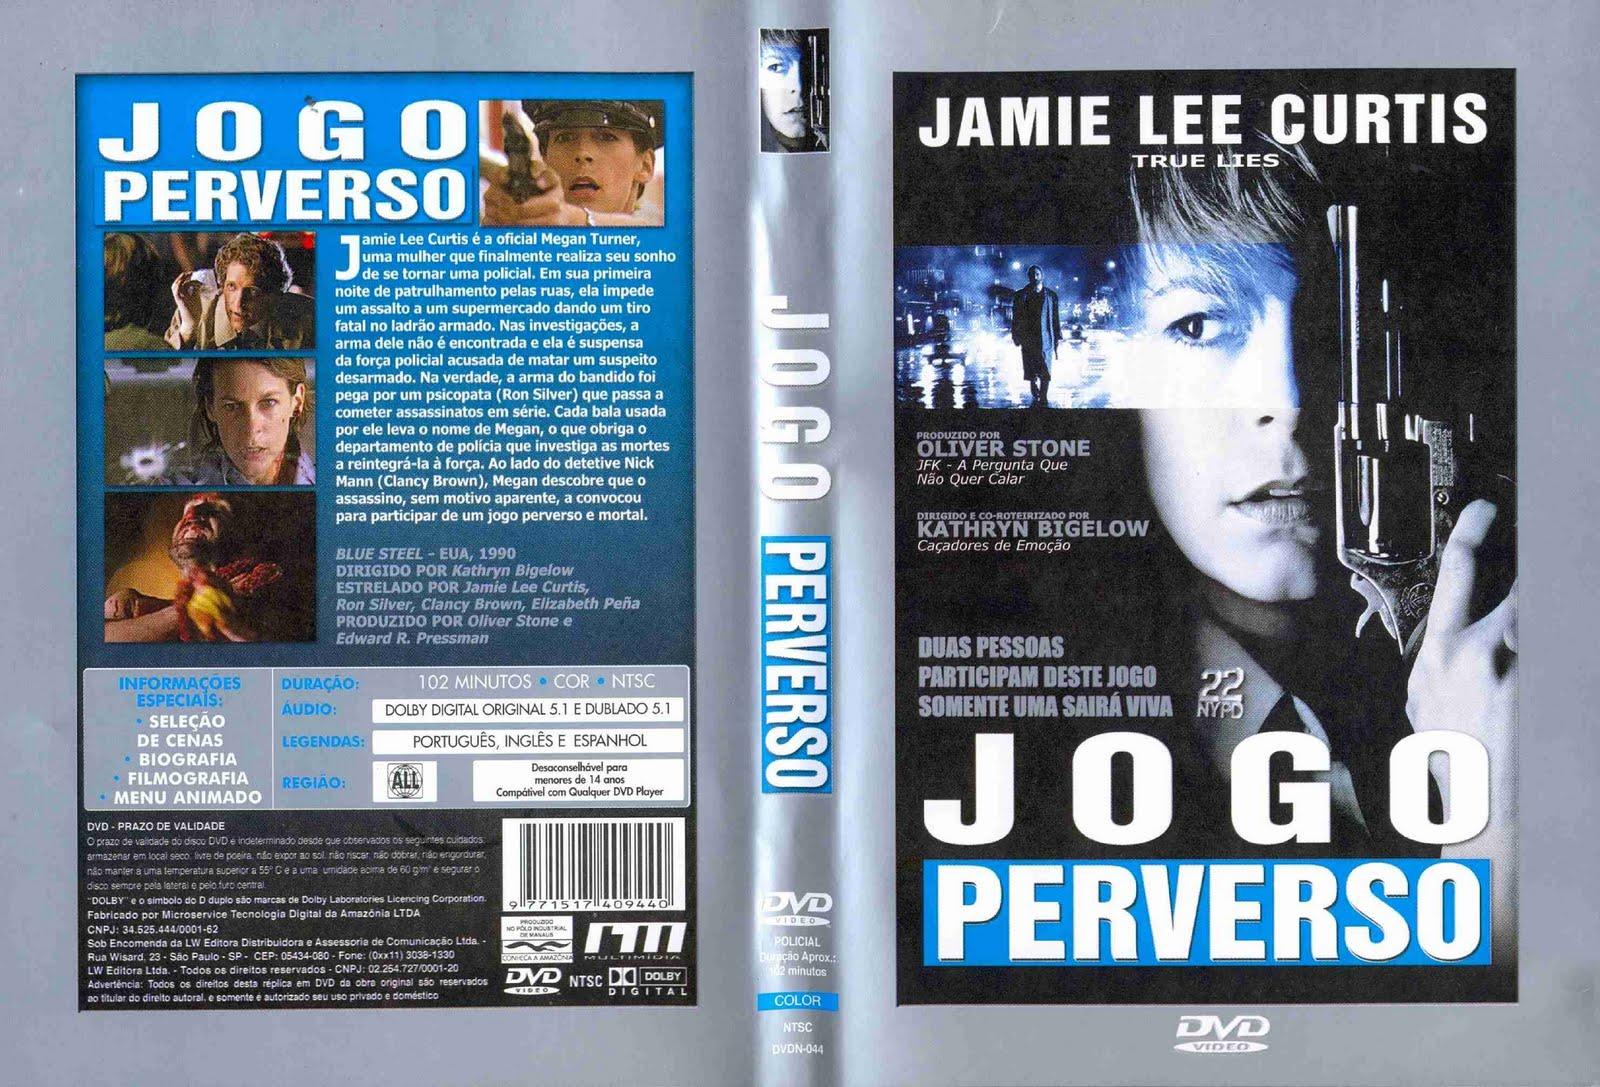 http://4.bp.blogspot.com/_56N_enXK-4o/TSHIuhkimSI/AAAAAAAAAfk/Mu8bSpd3uOQ/s1600/Jogo-Perverso1.jpg